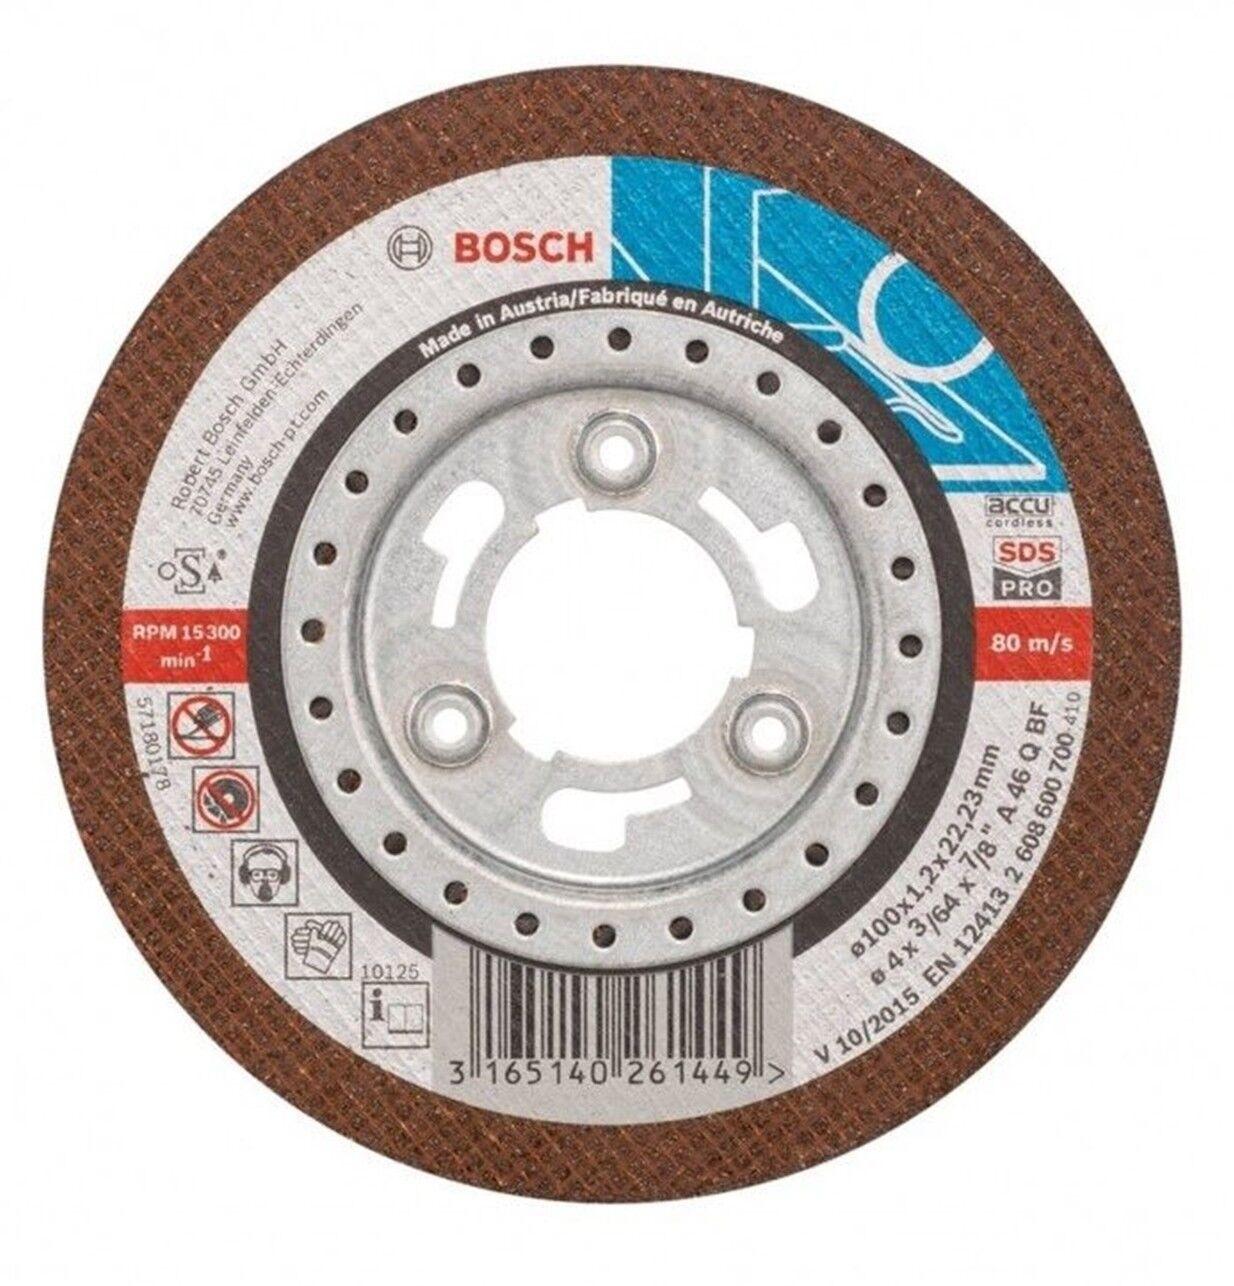 BOSCH Trennscheibe Metall für Akkuwinkelschleifer GWS 14,4 V 2608600700